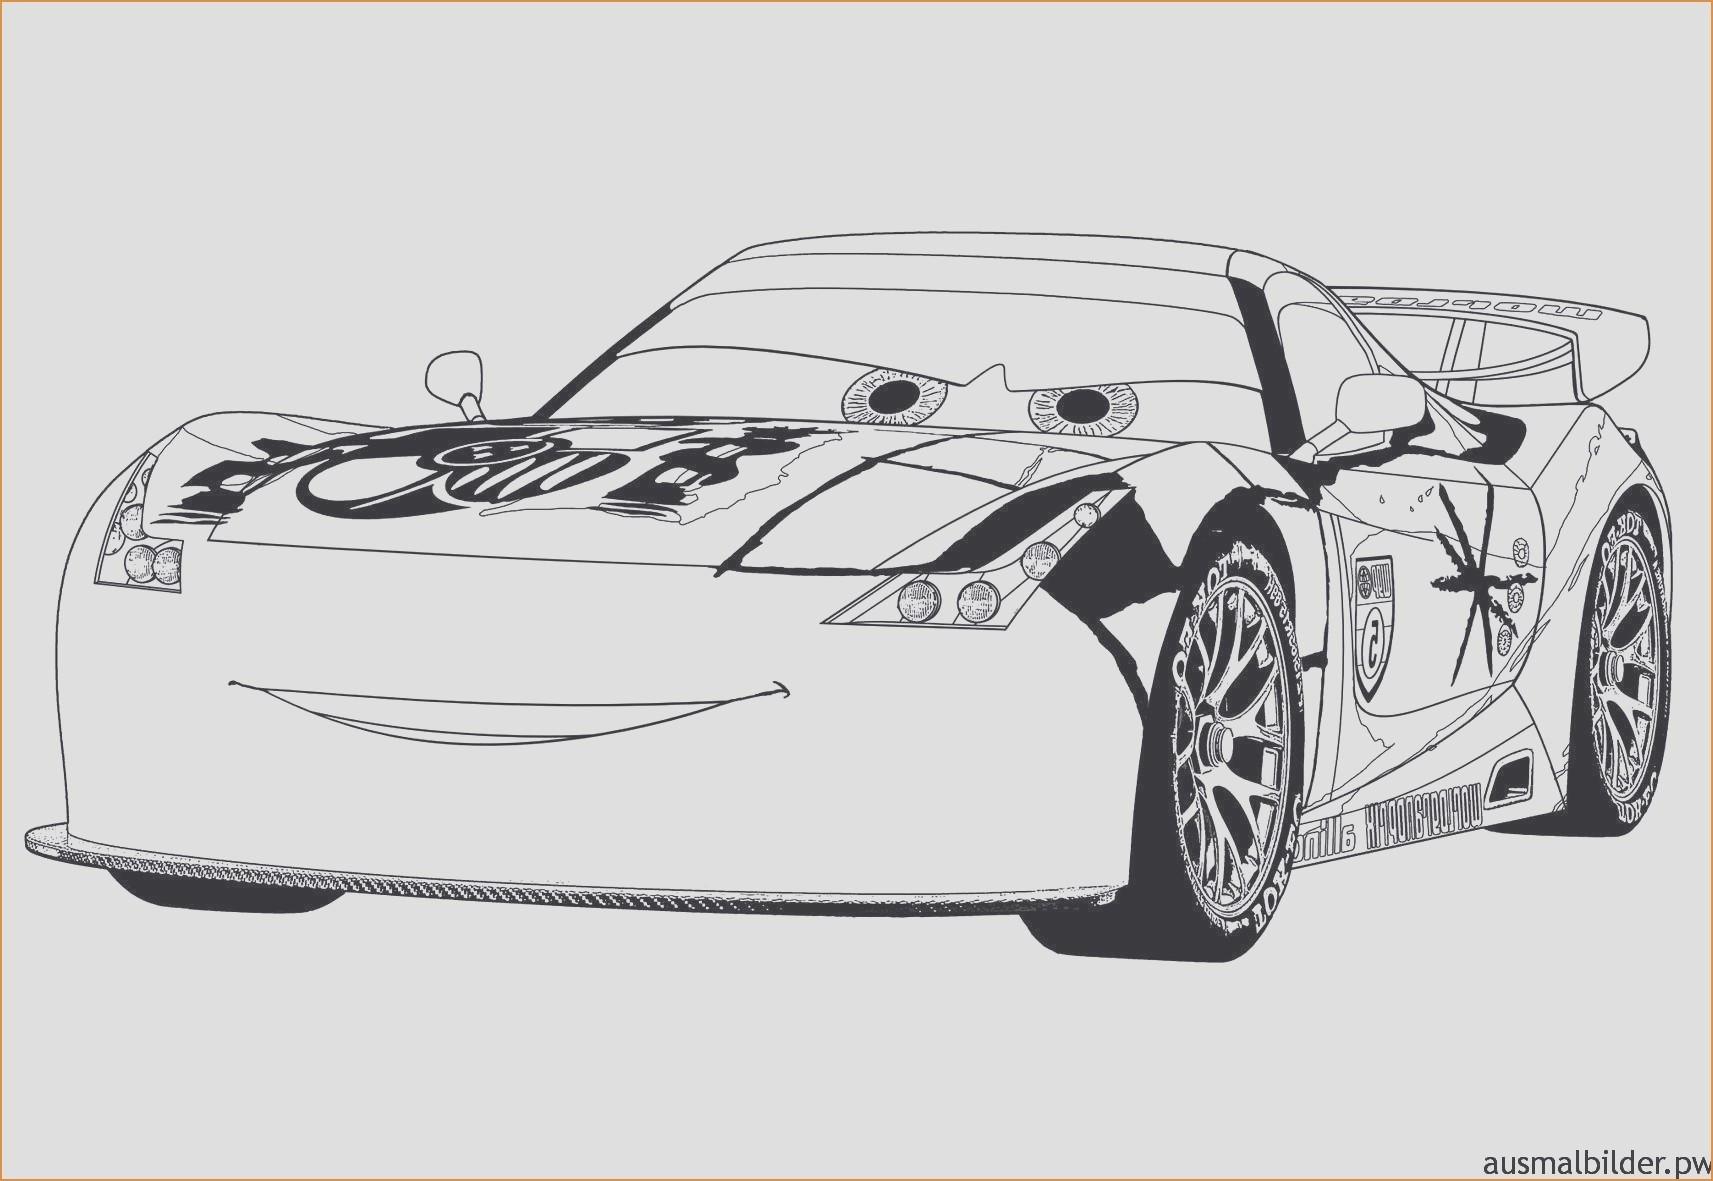 Zug Zum Ausmalen Frisch Dragons Ausmalbilder Lernspiele Färbung Bilder Bugatti Racing Best Stock